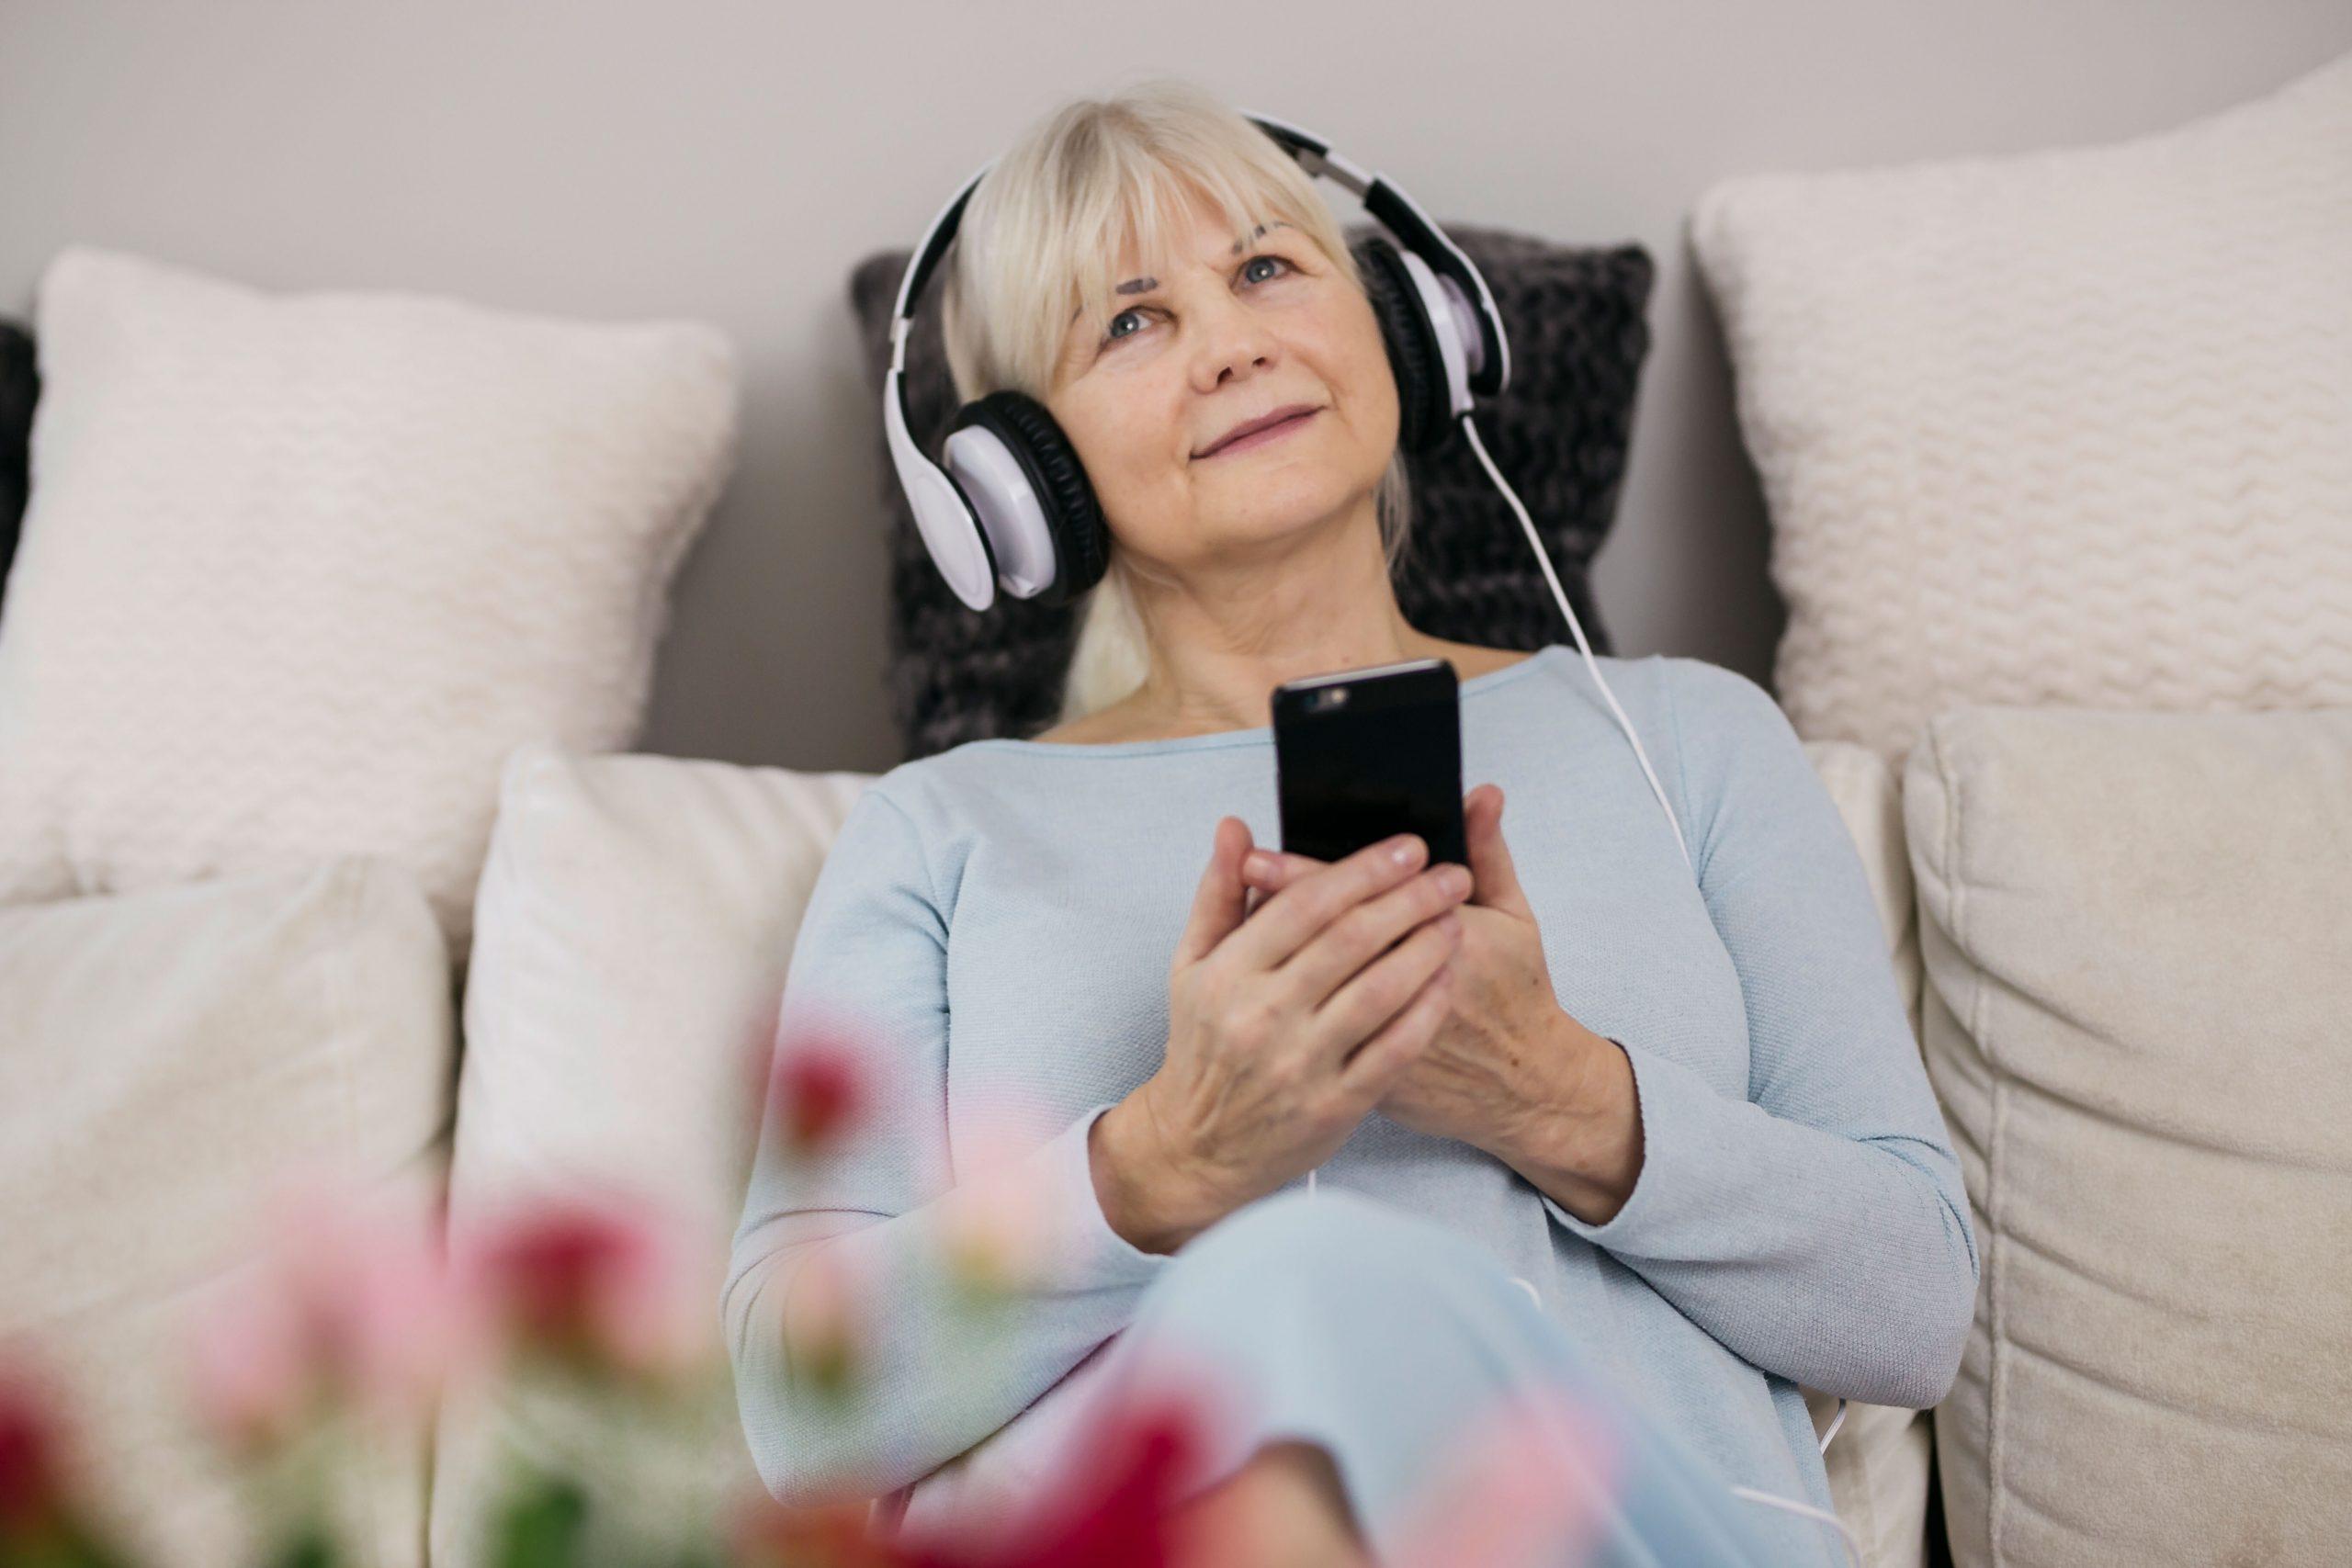 Fones de ouvido causam surdez ou perda auditiva?